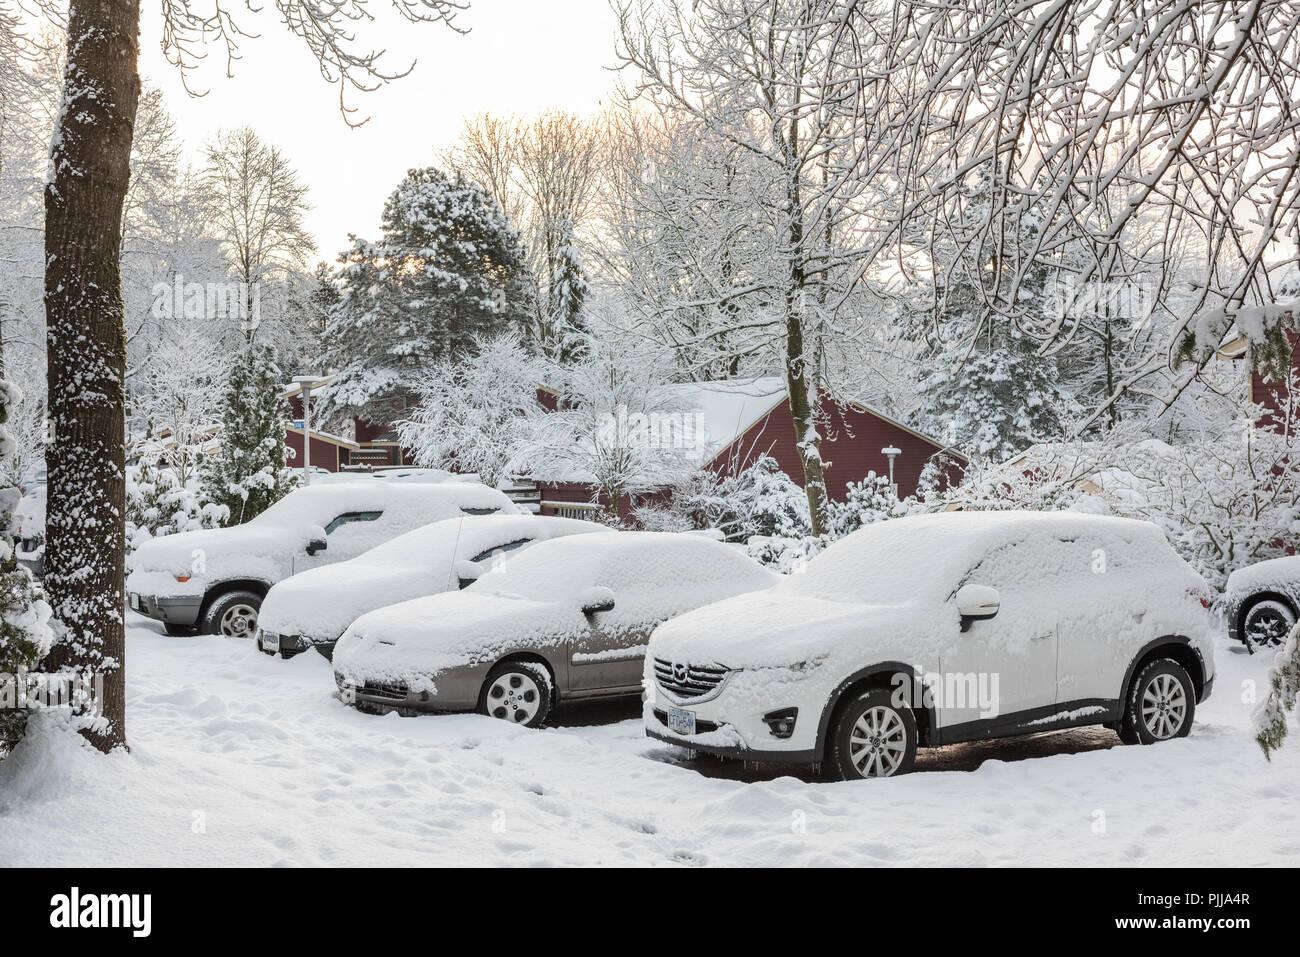 Los automóviles estacionados cubiertos de nieve. Imagen De Stock